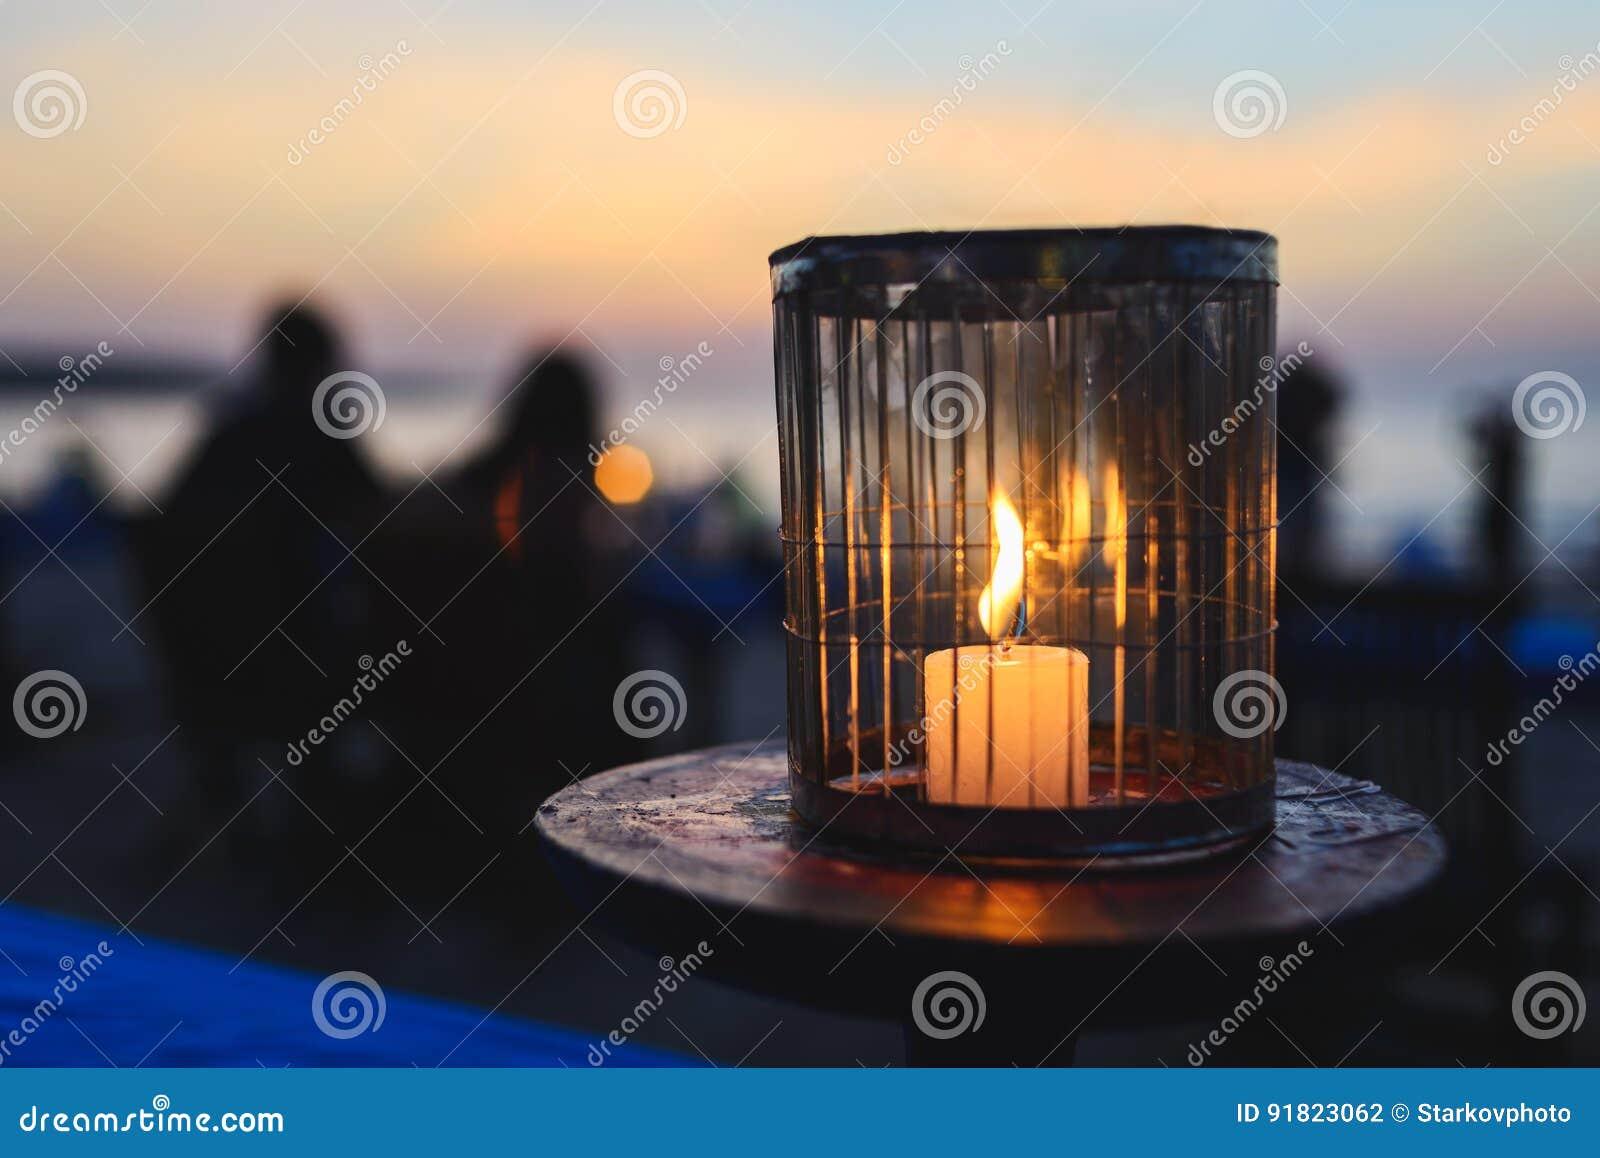 Romantisches Abendessen in einem Café auf dem Ozean durch Sonnenuntergang Eine Kerze brennt auf einer Tabelle für Gäste in einem